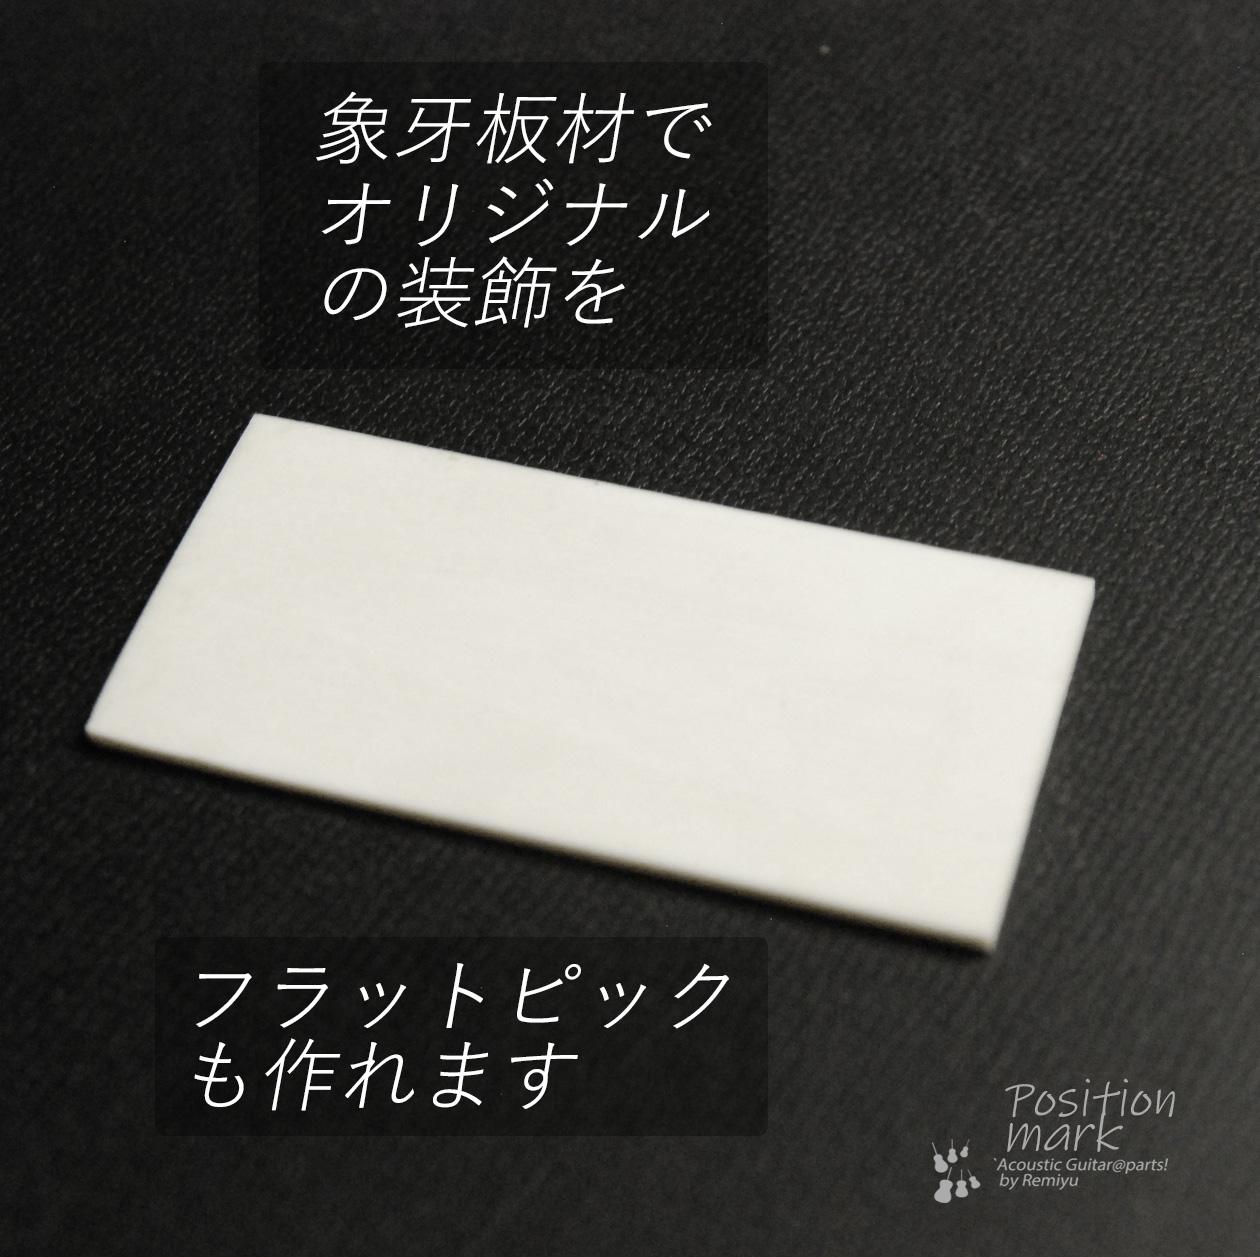 象牙板材 25mmx55mmx厚さ1mm 装飾用 アクセント